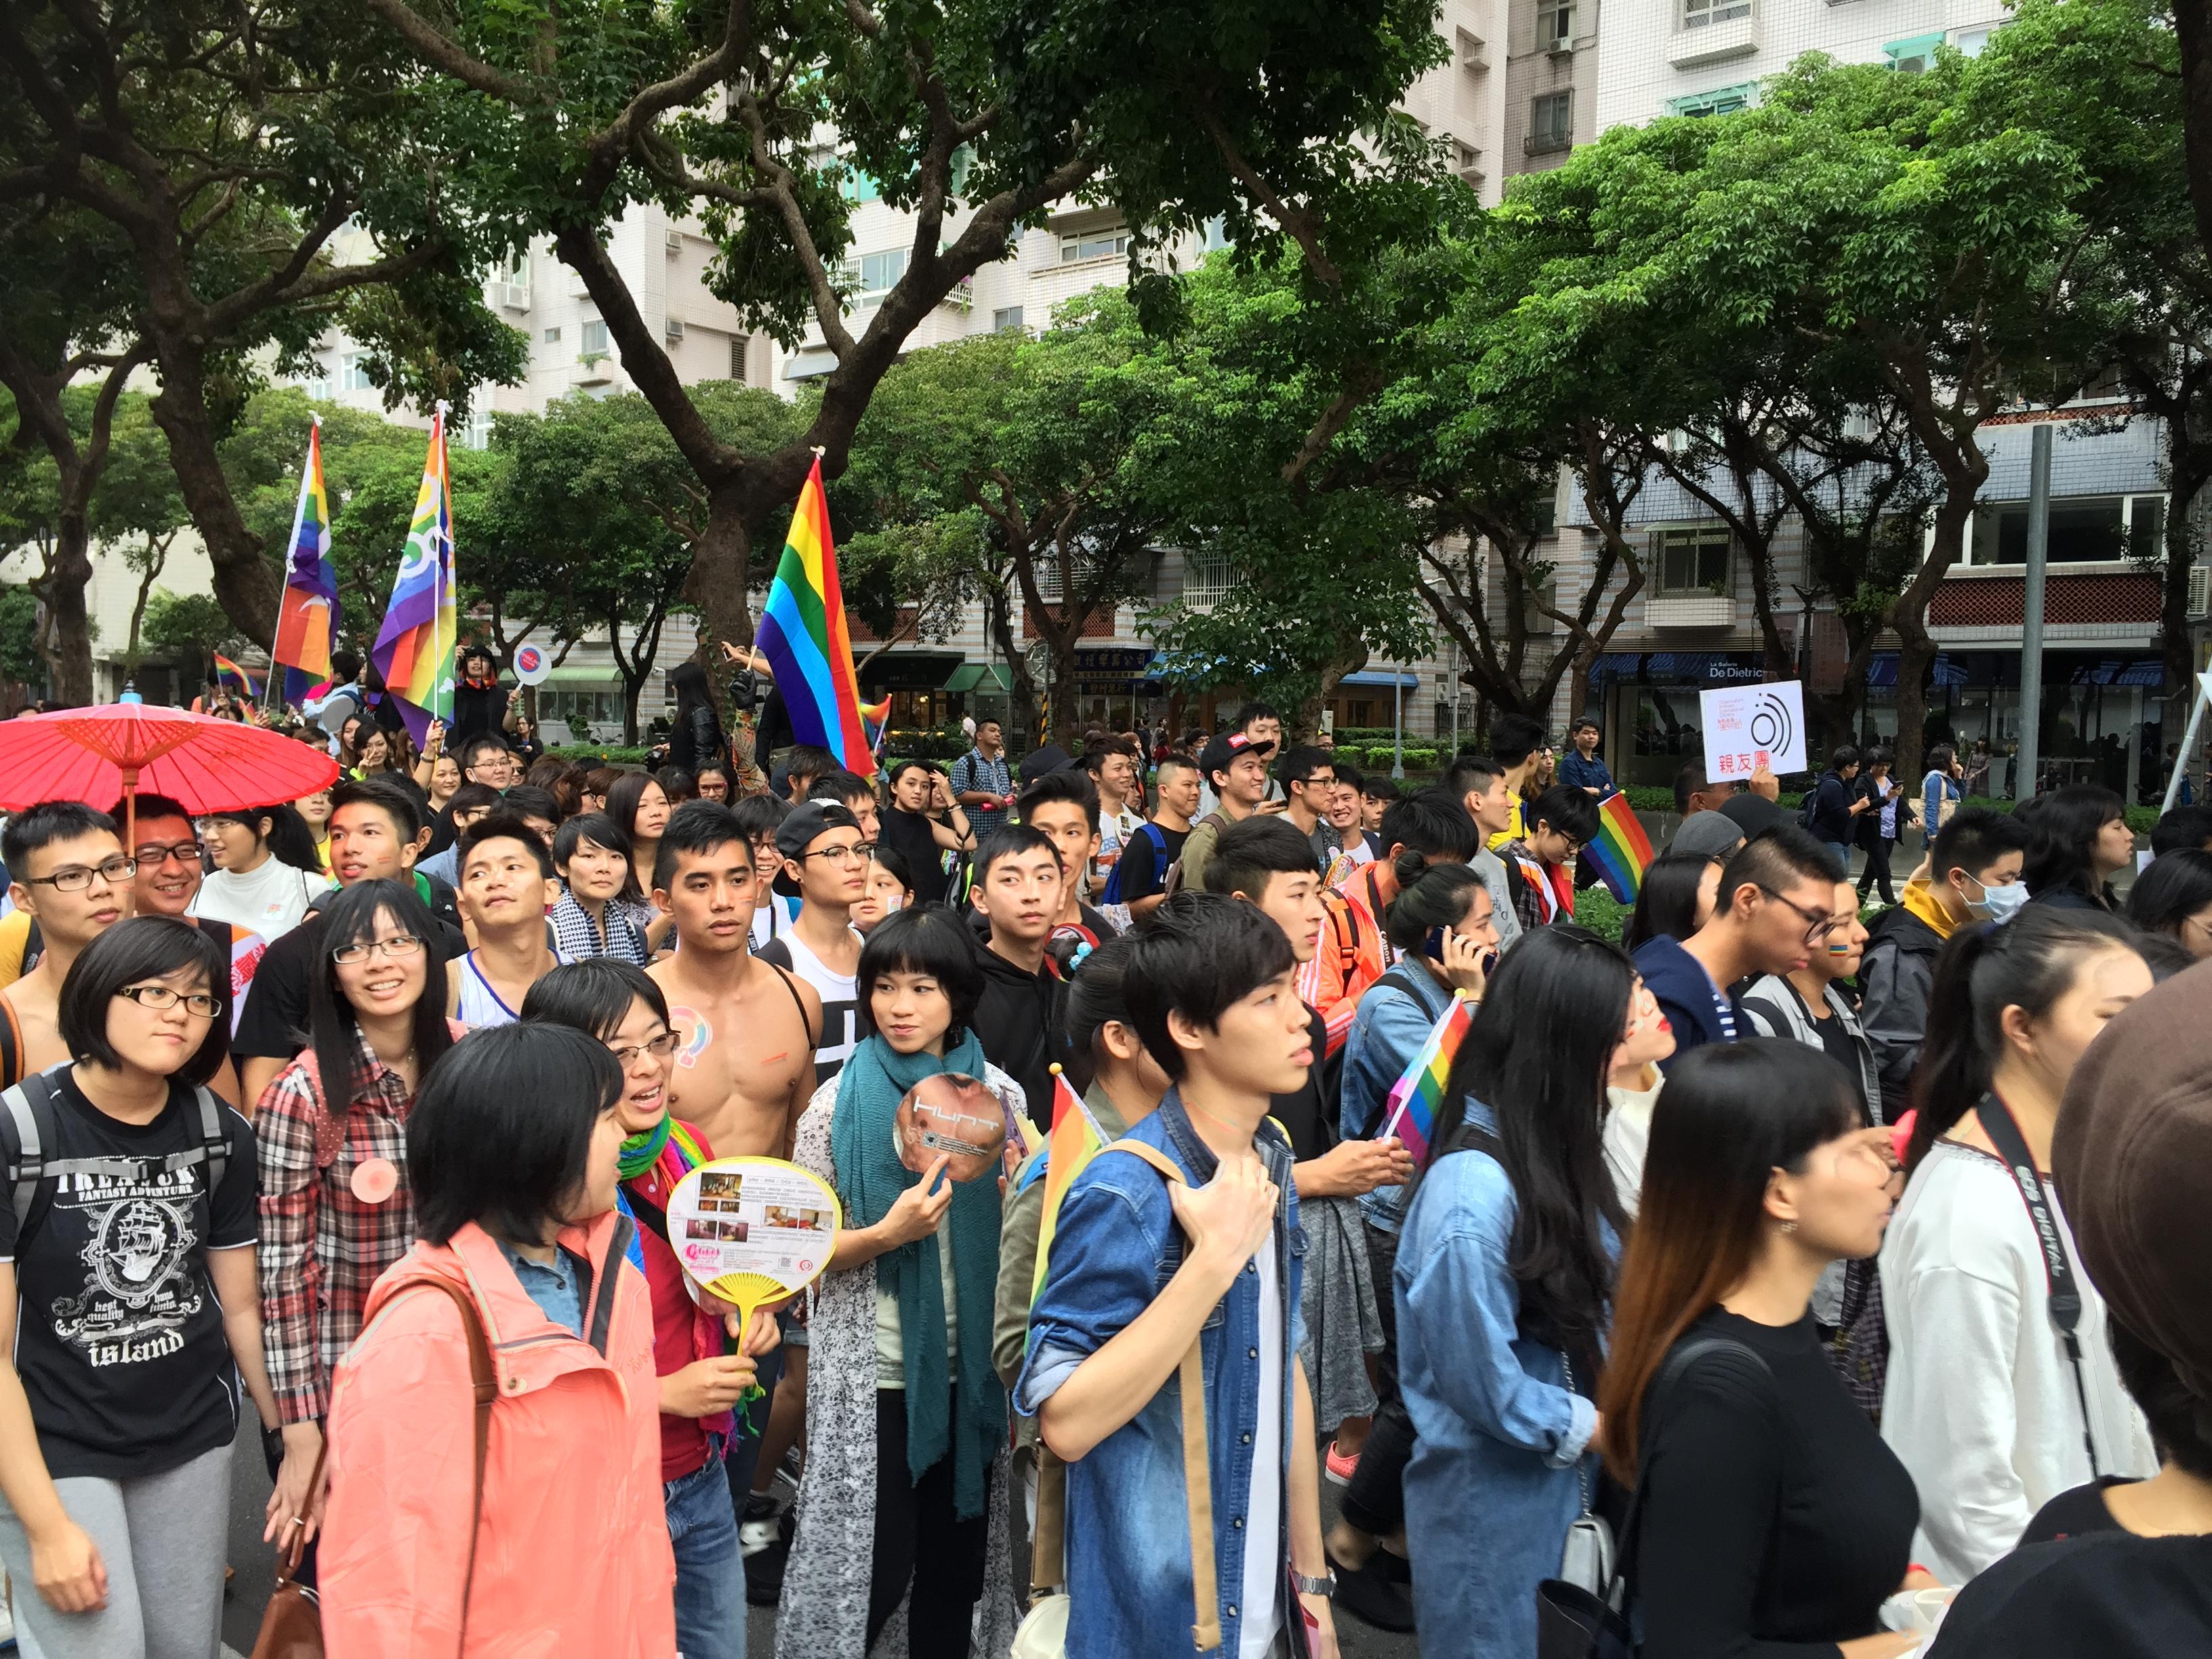 民眾走上街頭,一齊為同志大遊行發聲。 圖/黃婕攝